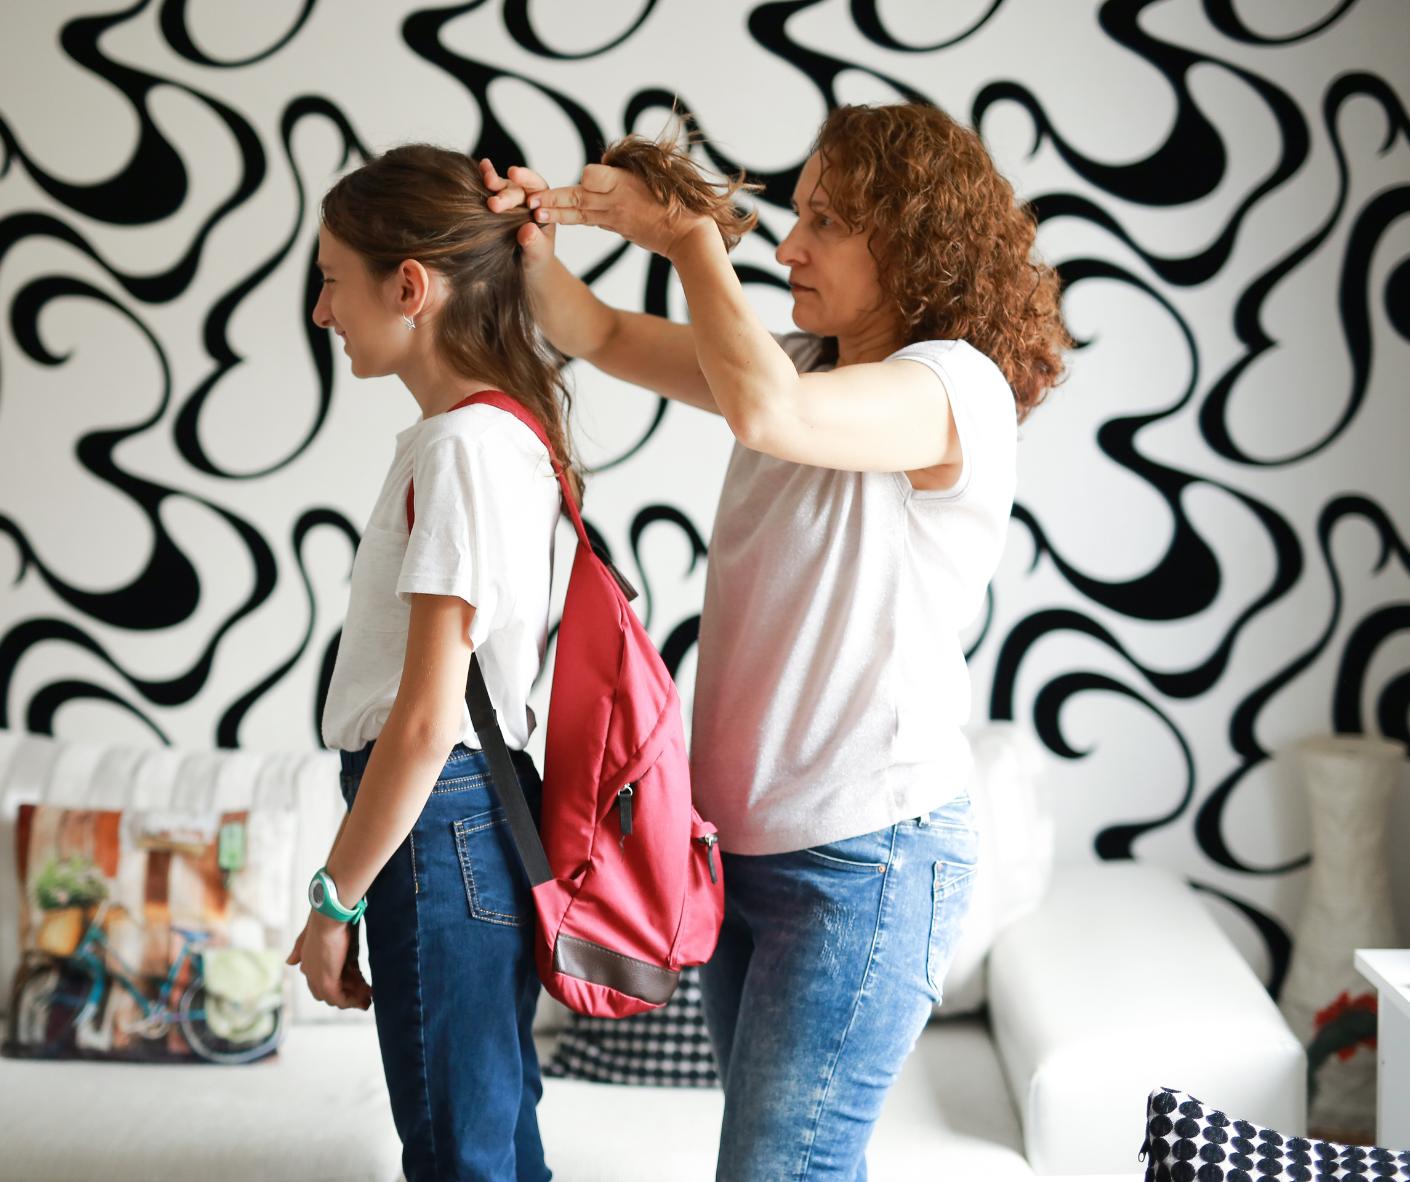 Coafuri usoare si originale pentru fetite – 6 idei de incercat pentru inceputul anului scolar